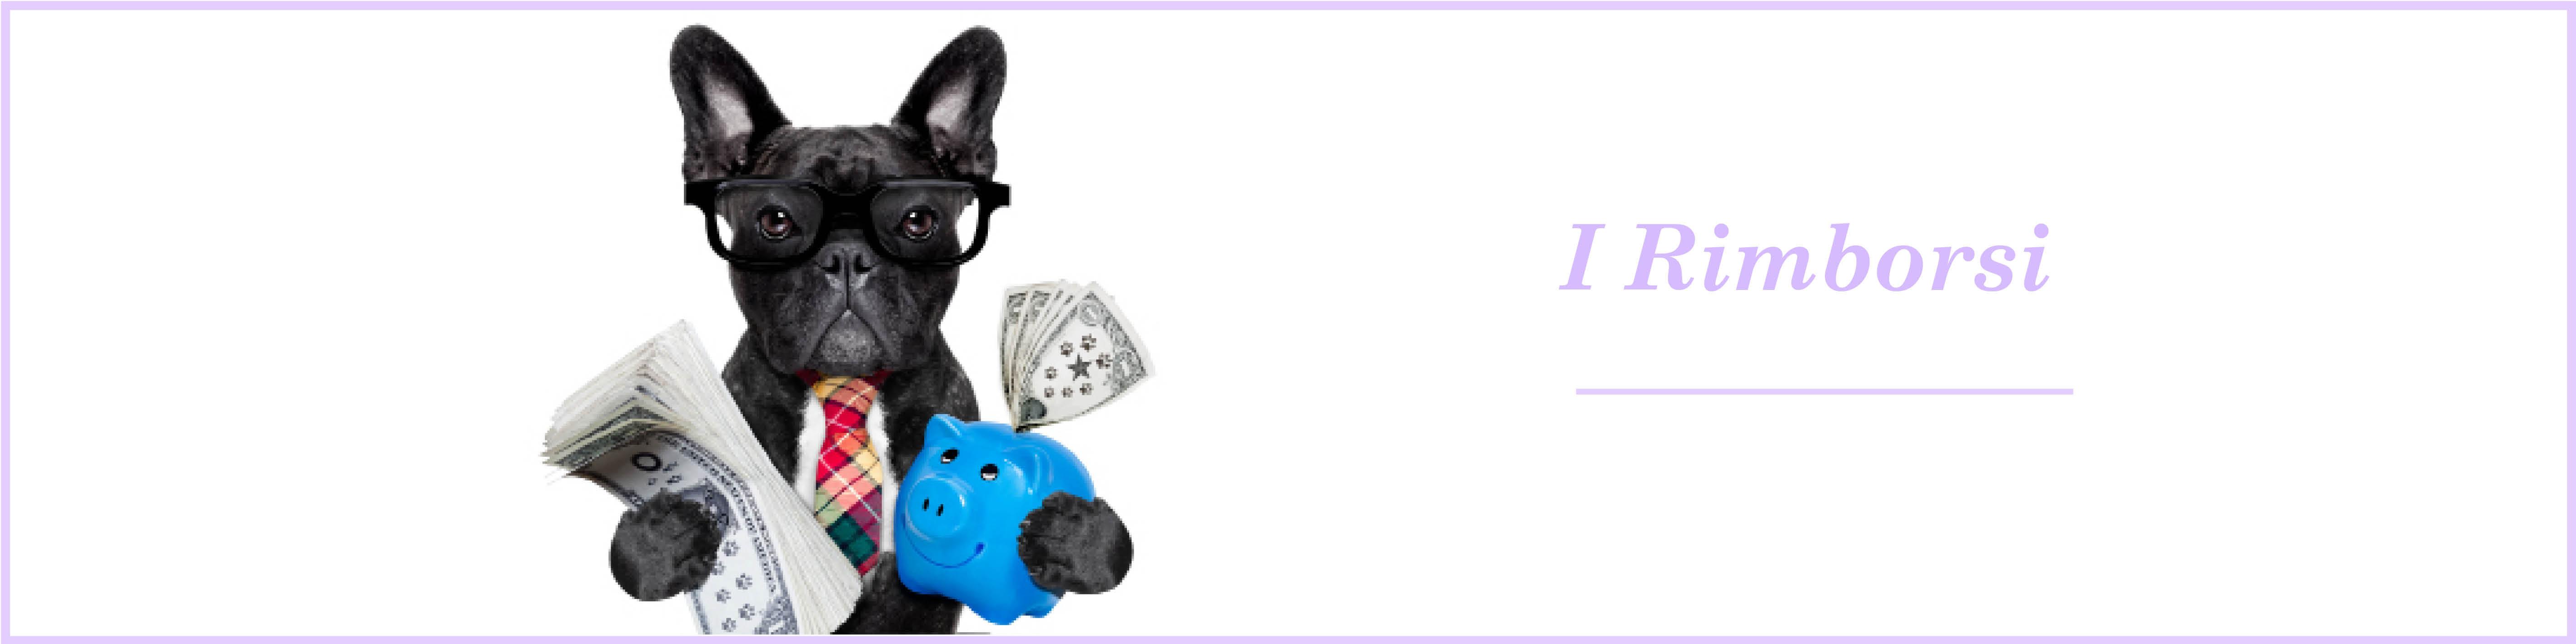 Rimborsi : esempi di rimborso assicurazione cane gatto